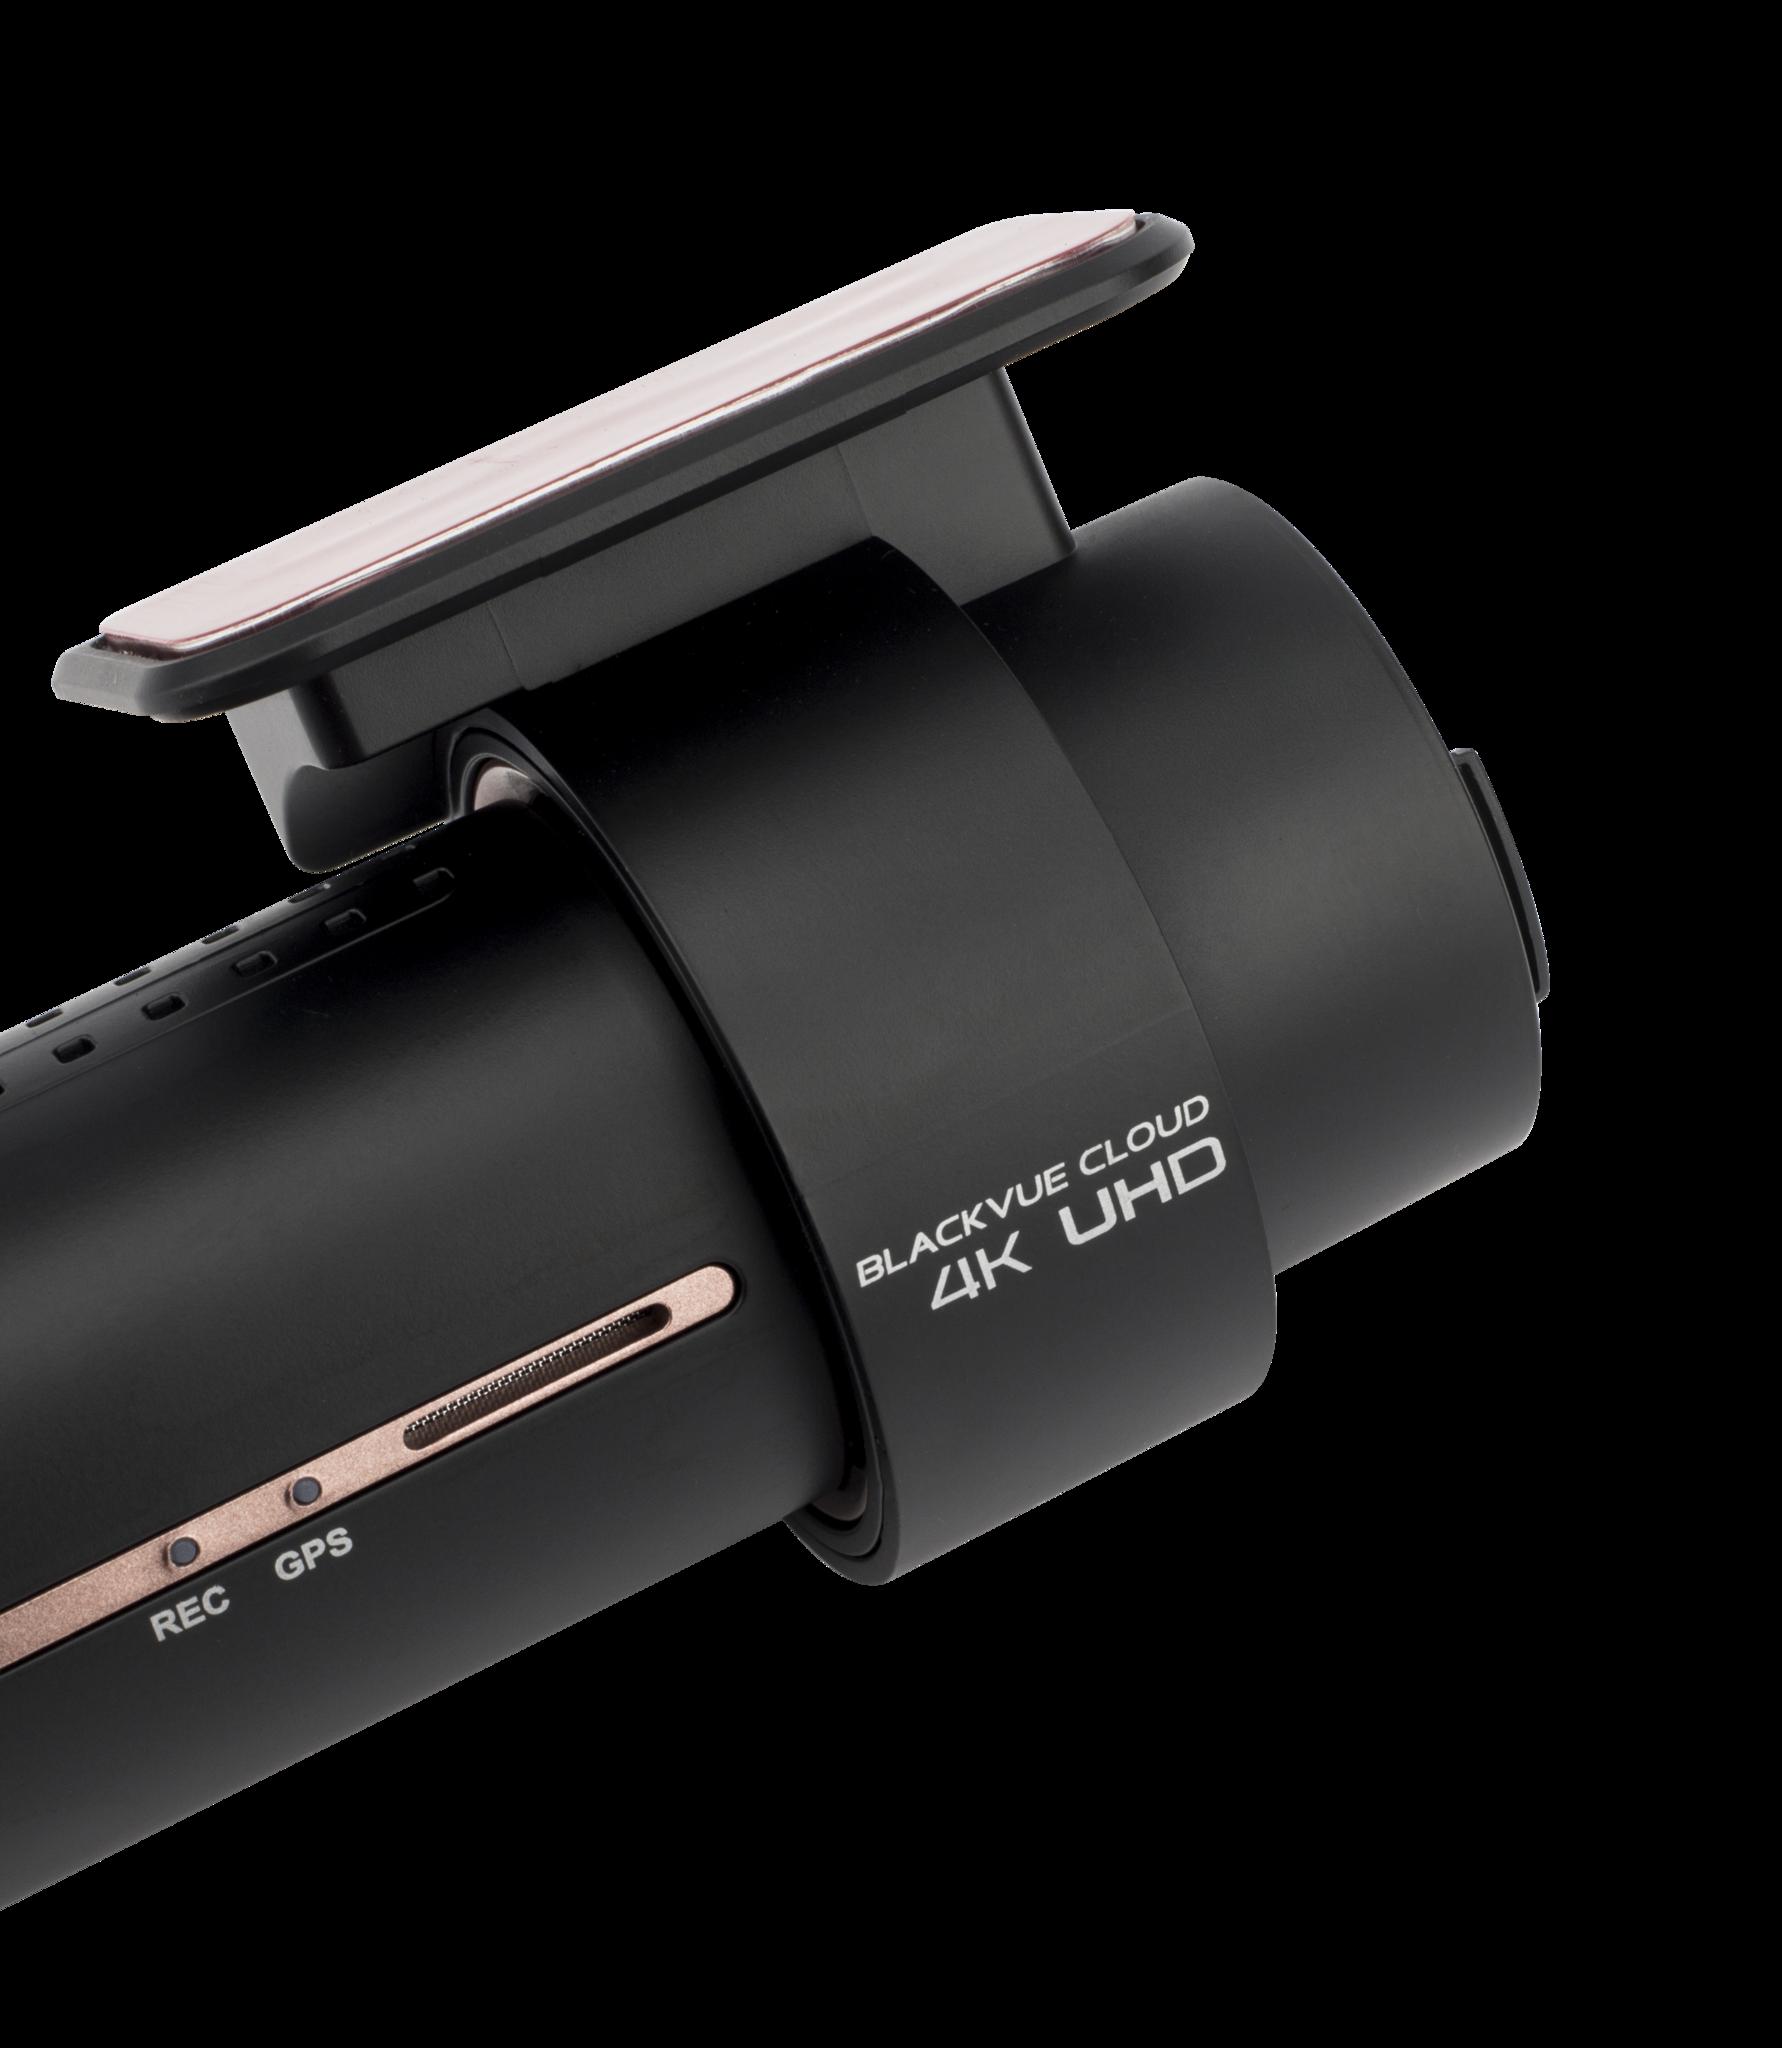 DR900-1CH Одноканальный видеорегистратор Blackvue